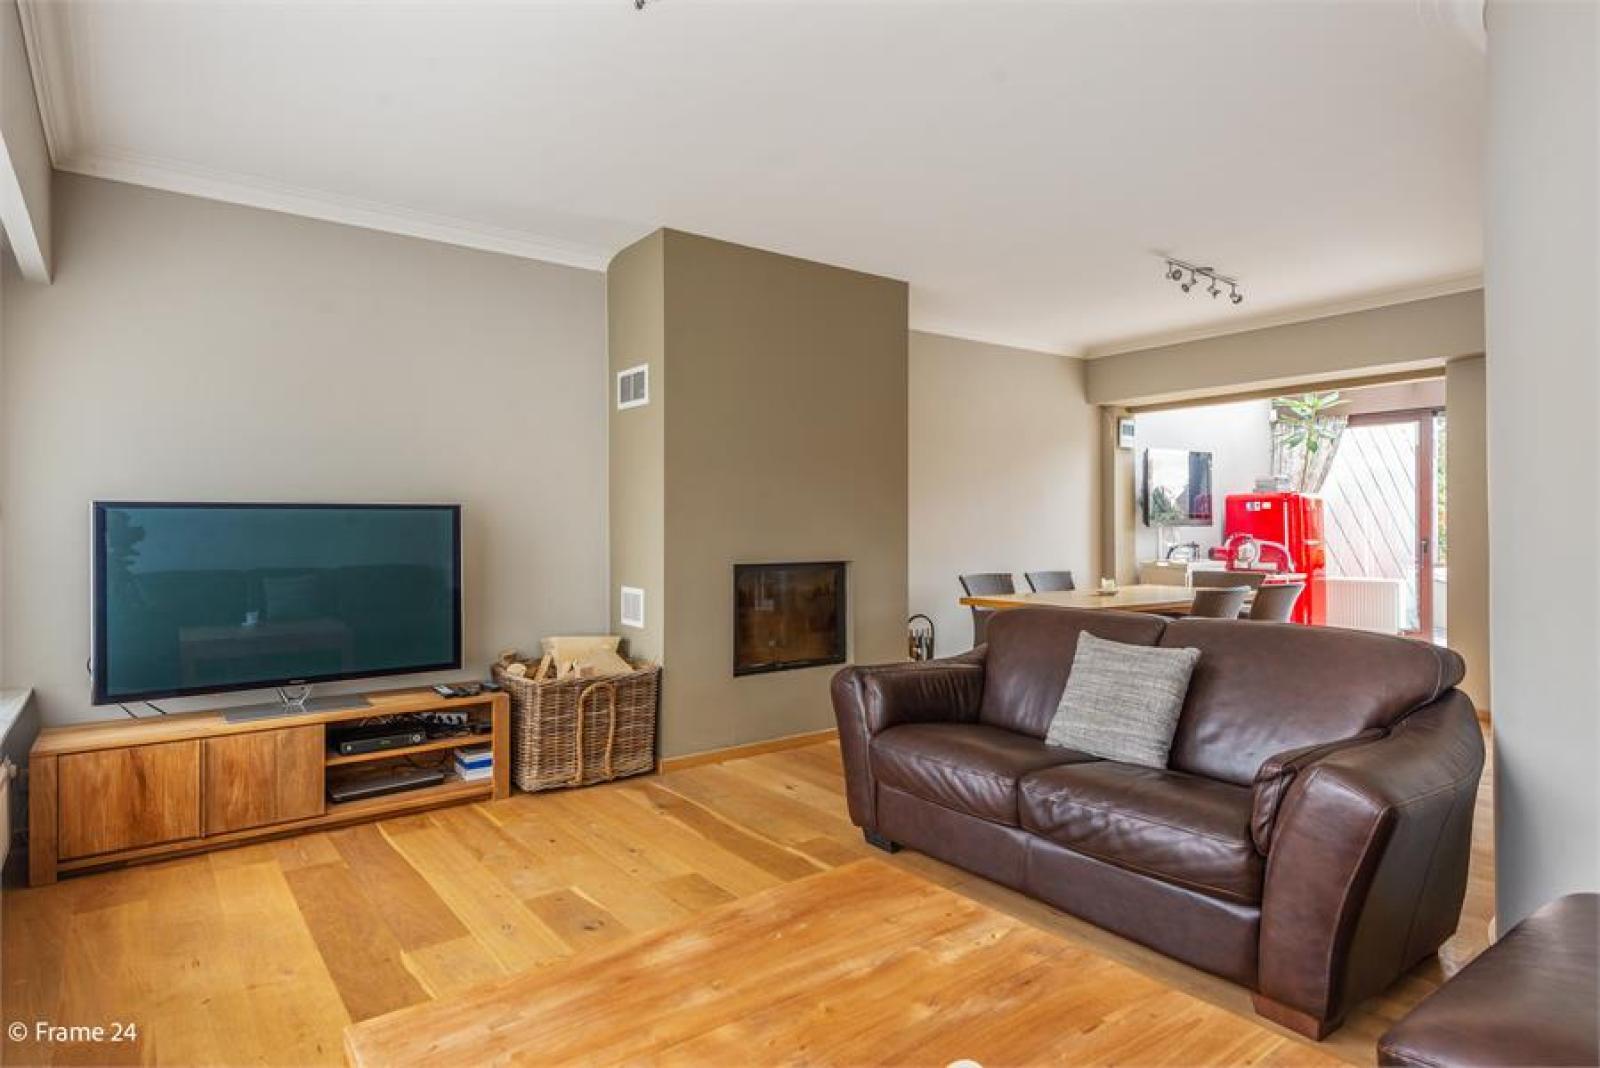 Verzorgde bel-étage met 3 slaapkamers, tuin en garage nabij centrum Wijnegem gelegen. afbeelding 5